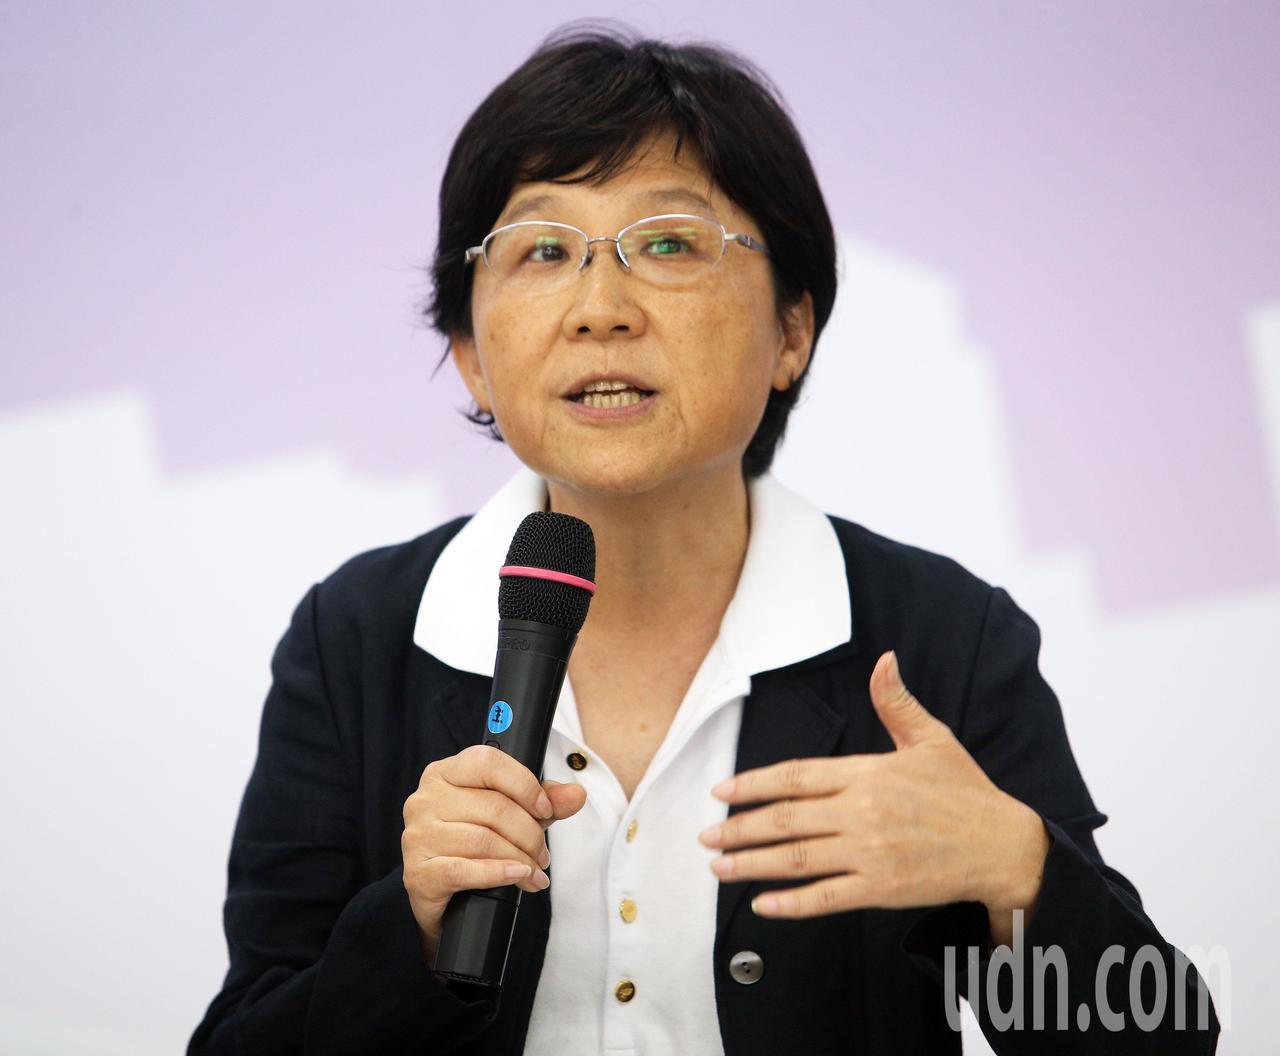 韓國瑜國政顧問團社福組召集人馮燕。記者劉學聖/攝影